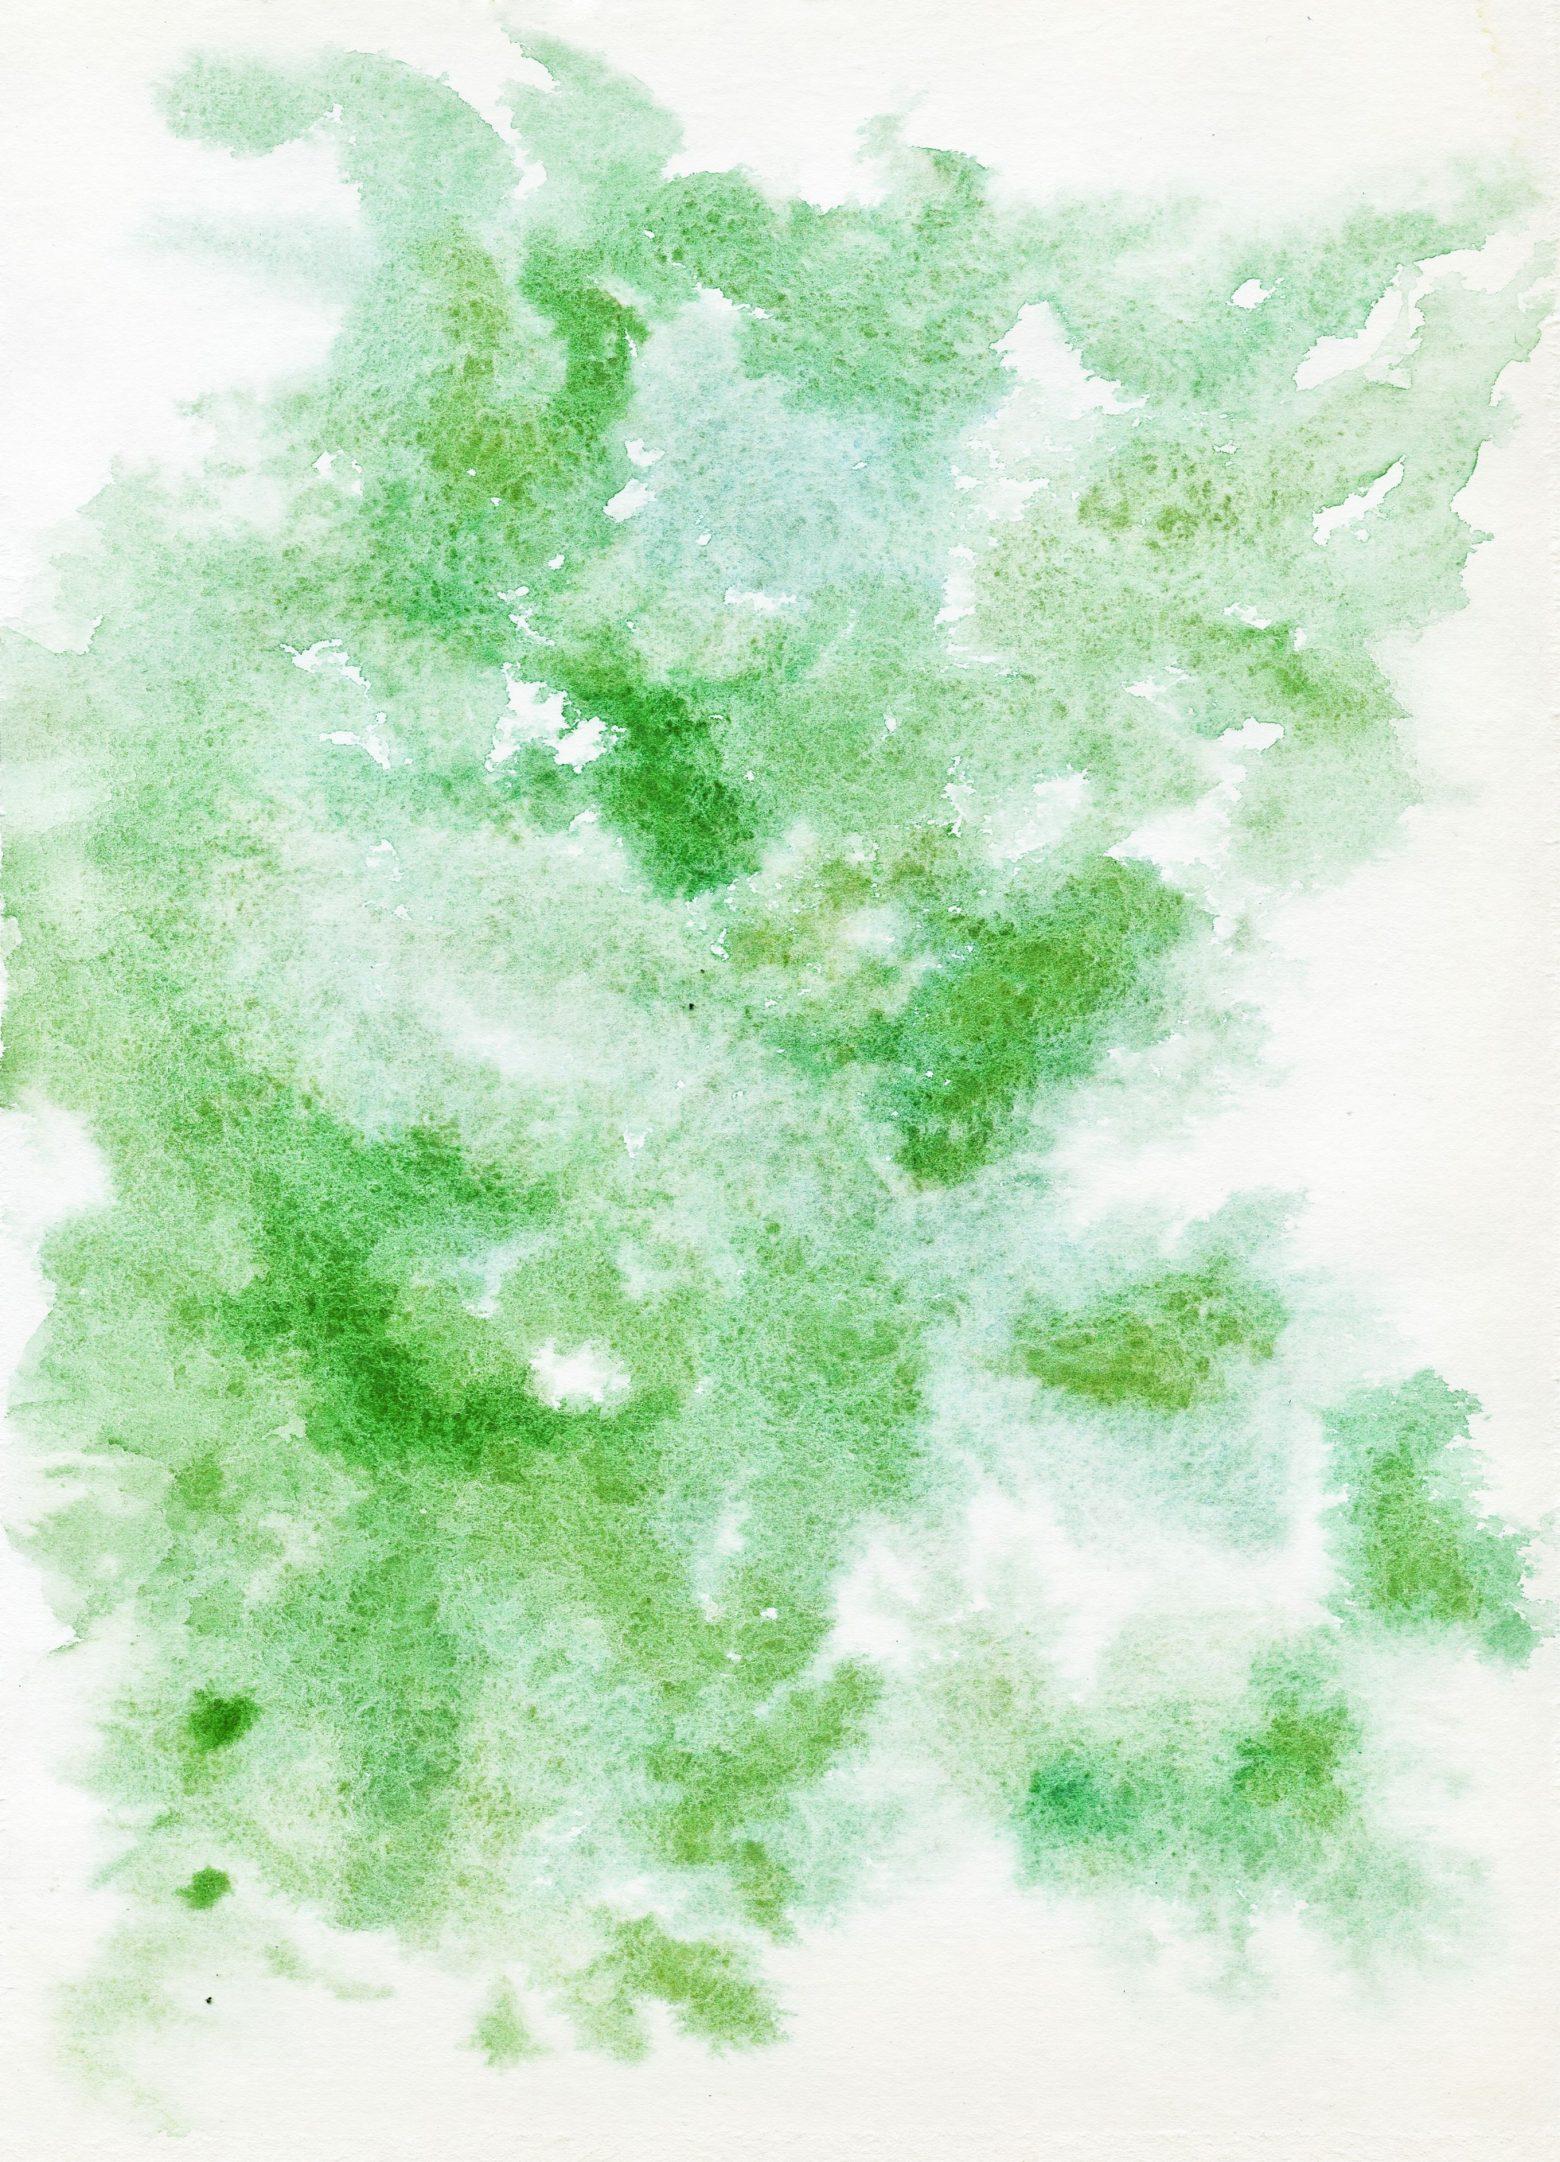 watercolor-1543790